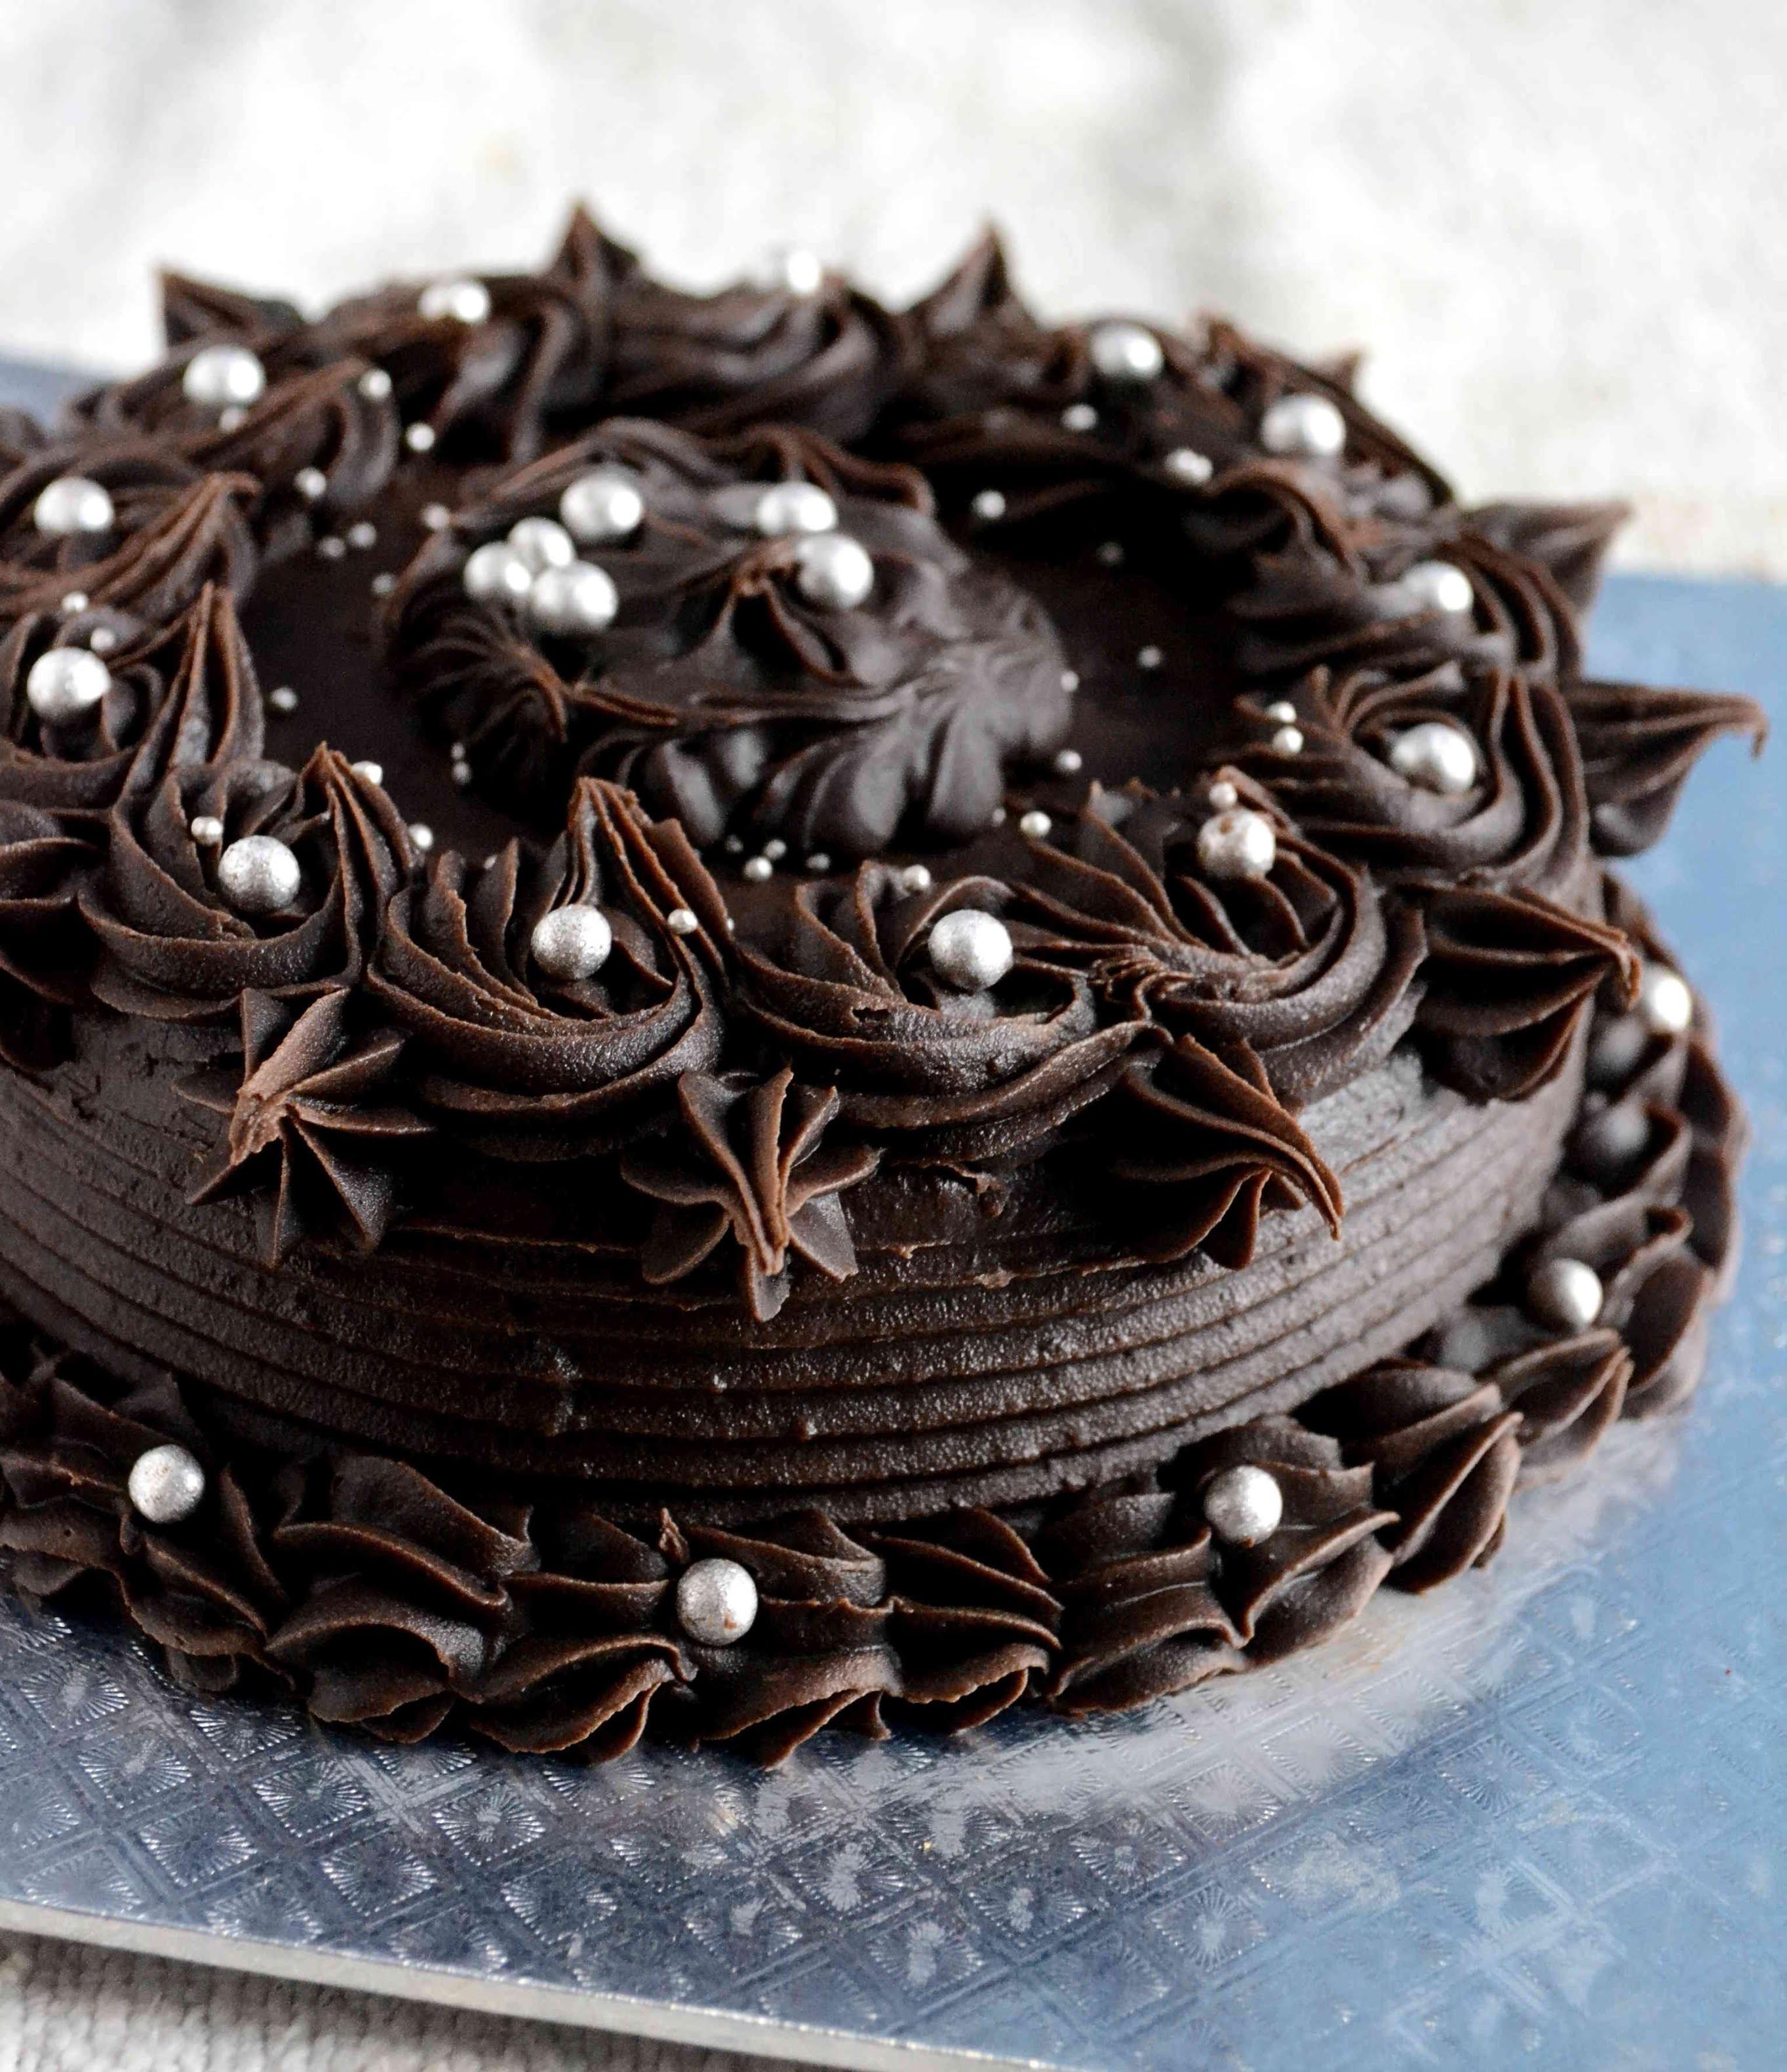 How To Make Dark Chocolate Ganache - Video Recipe